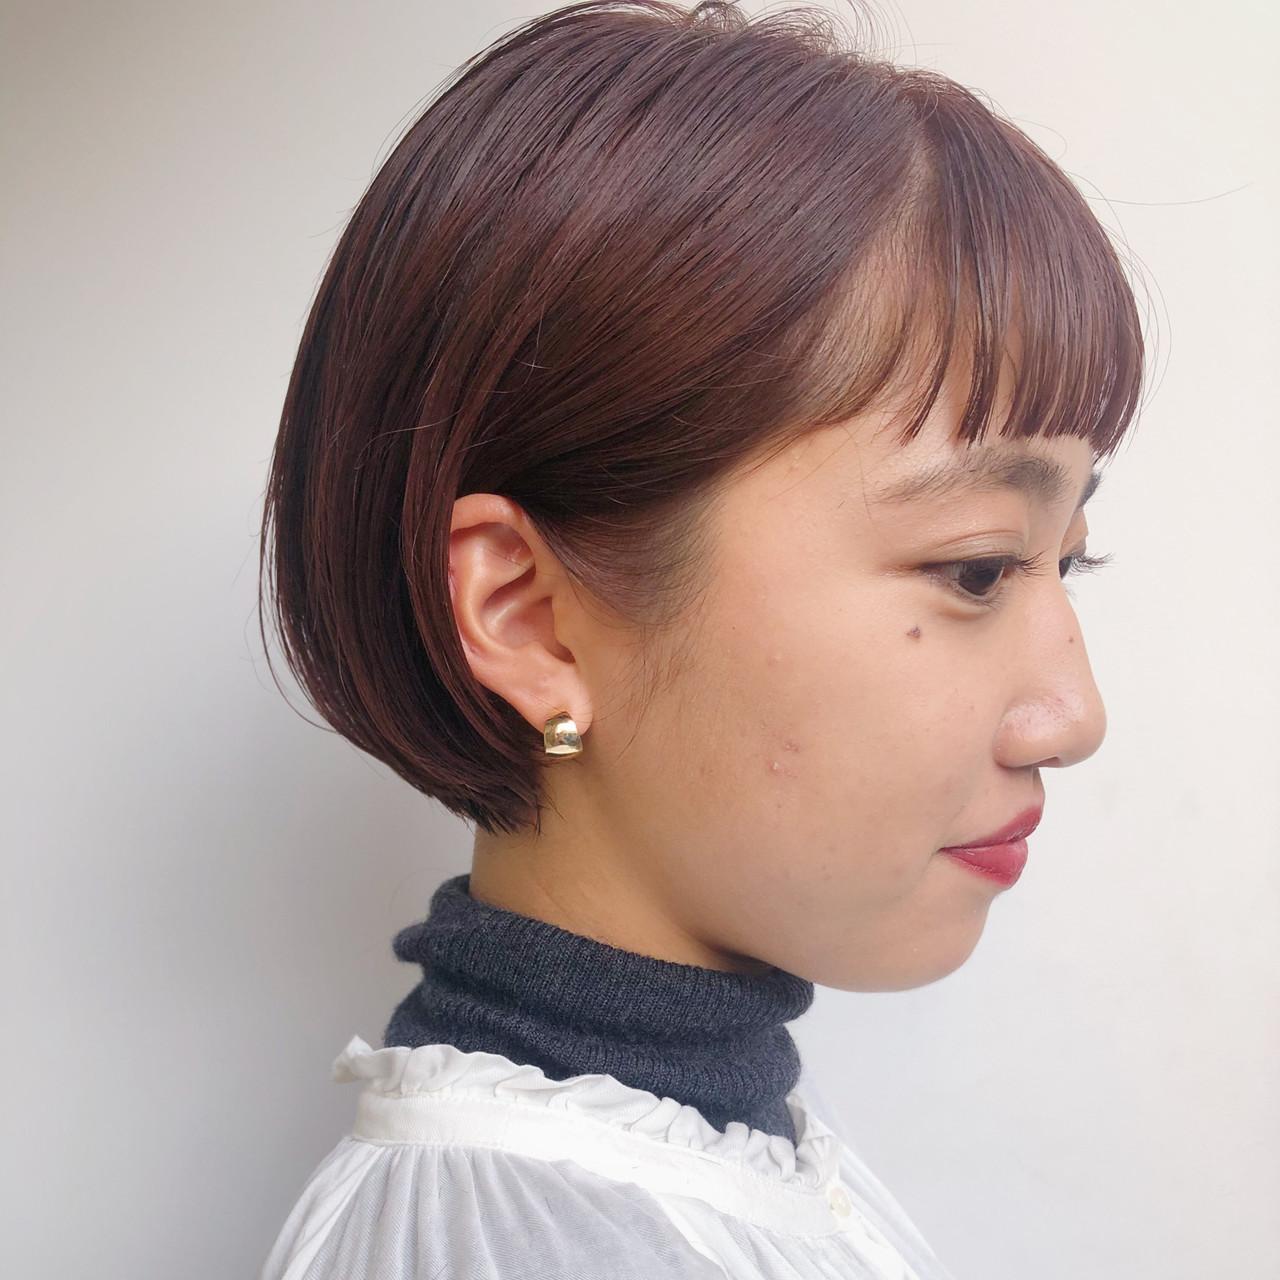 前髪パッツン オン眉 ハイライト ショート ヘアスタイルや髪型の写真・画像